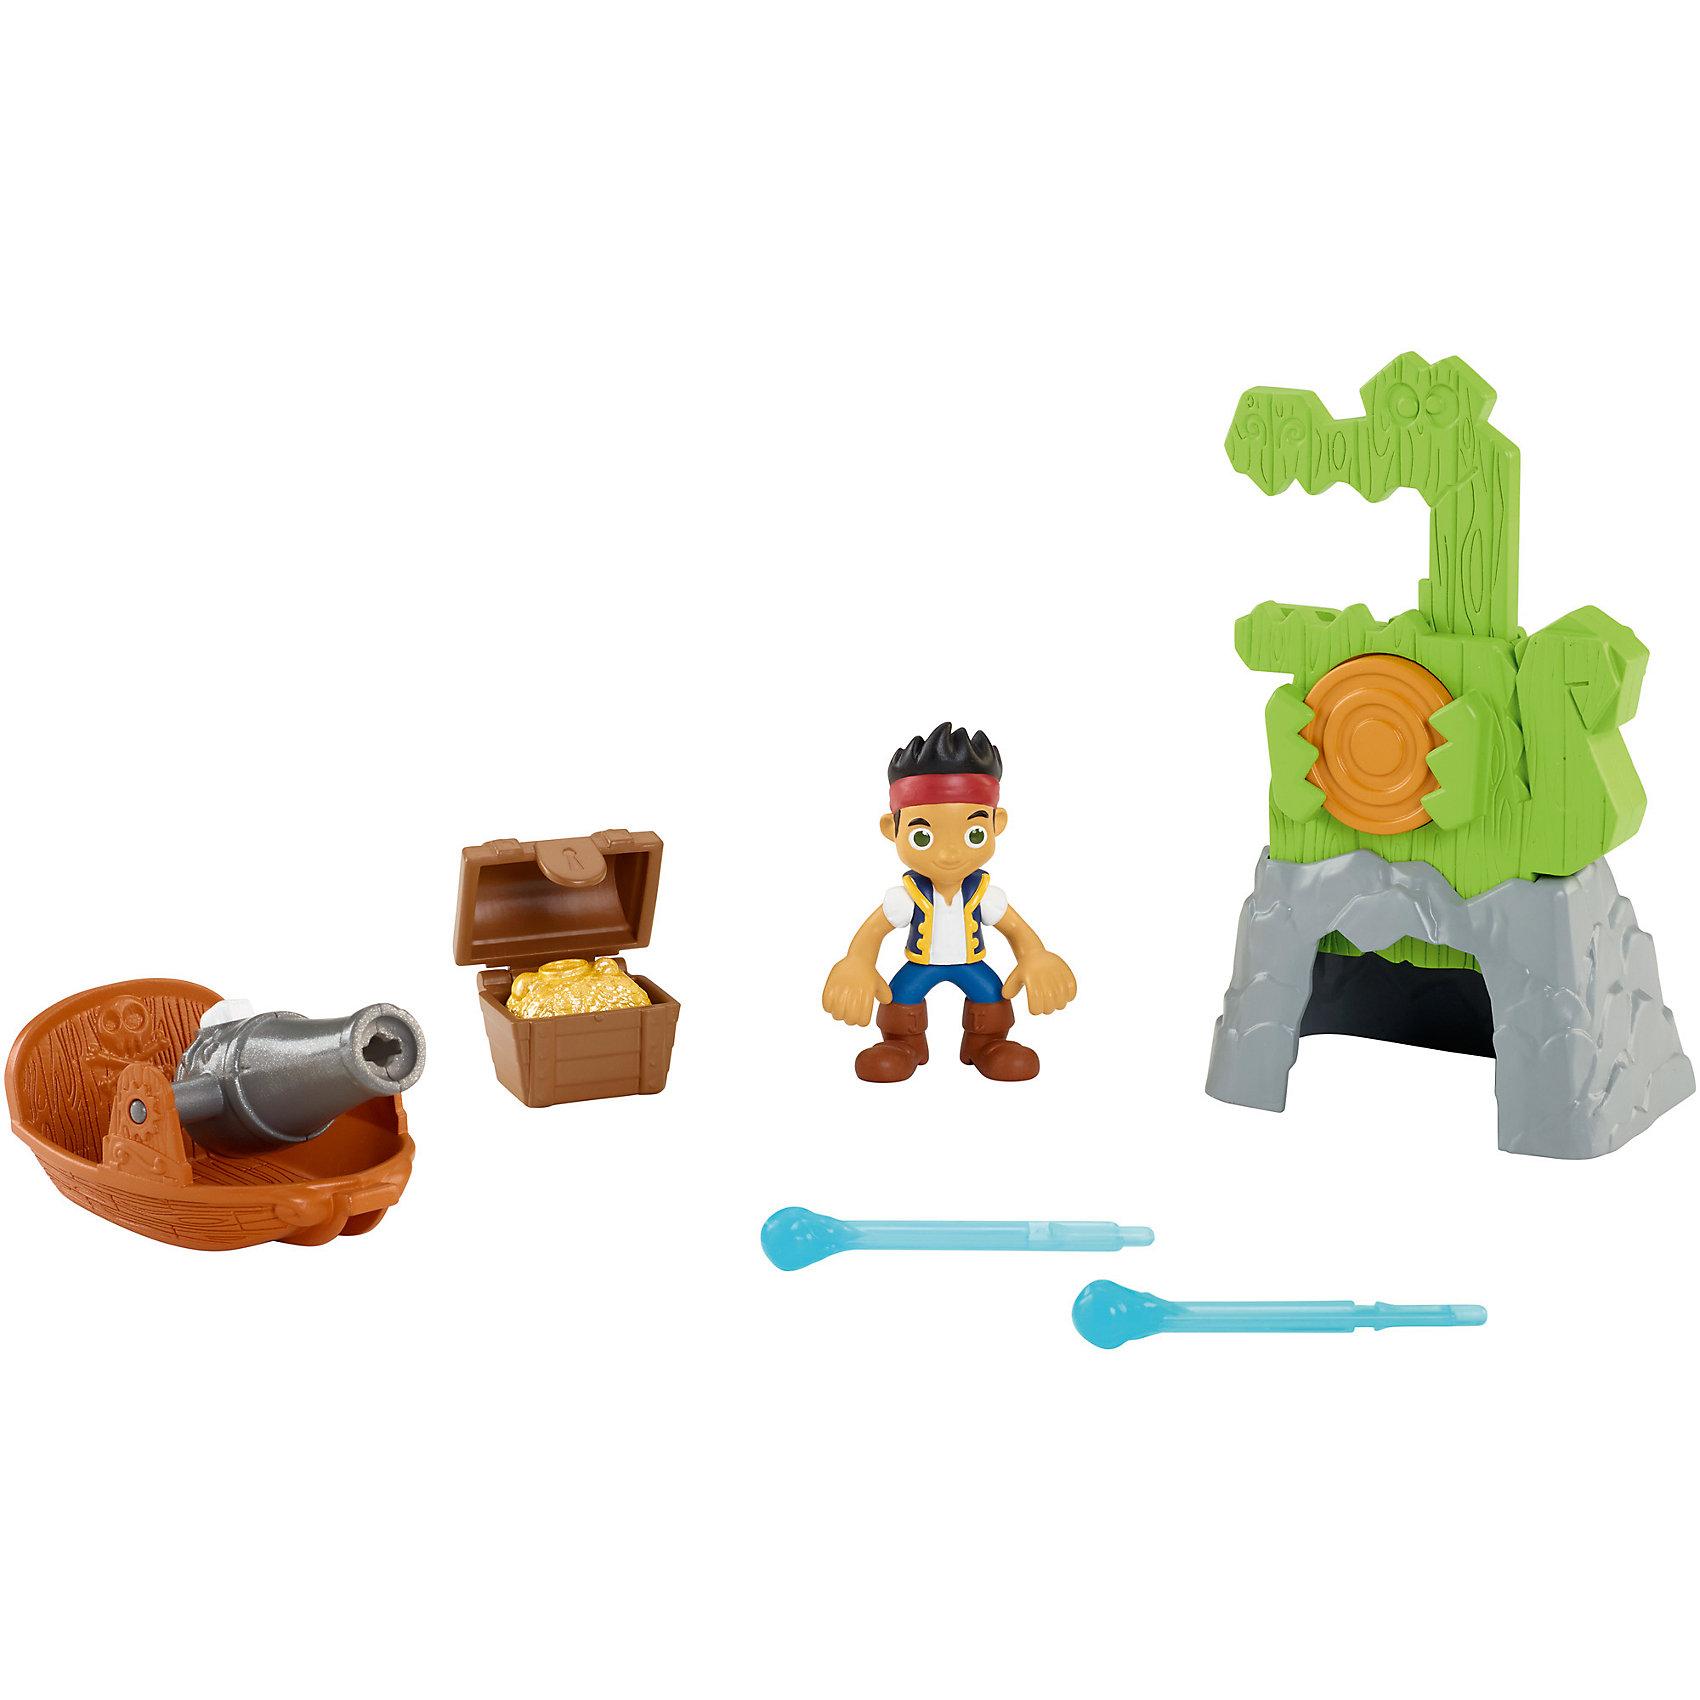 Mattel Игровой набор, Fisher Price, Джейк и пираты Нетландии. Сокровища крокодила Тик-Така д мэтьюс в болотников пираты и их сокровища